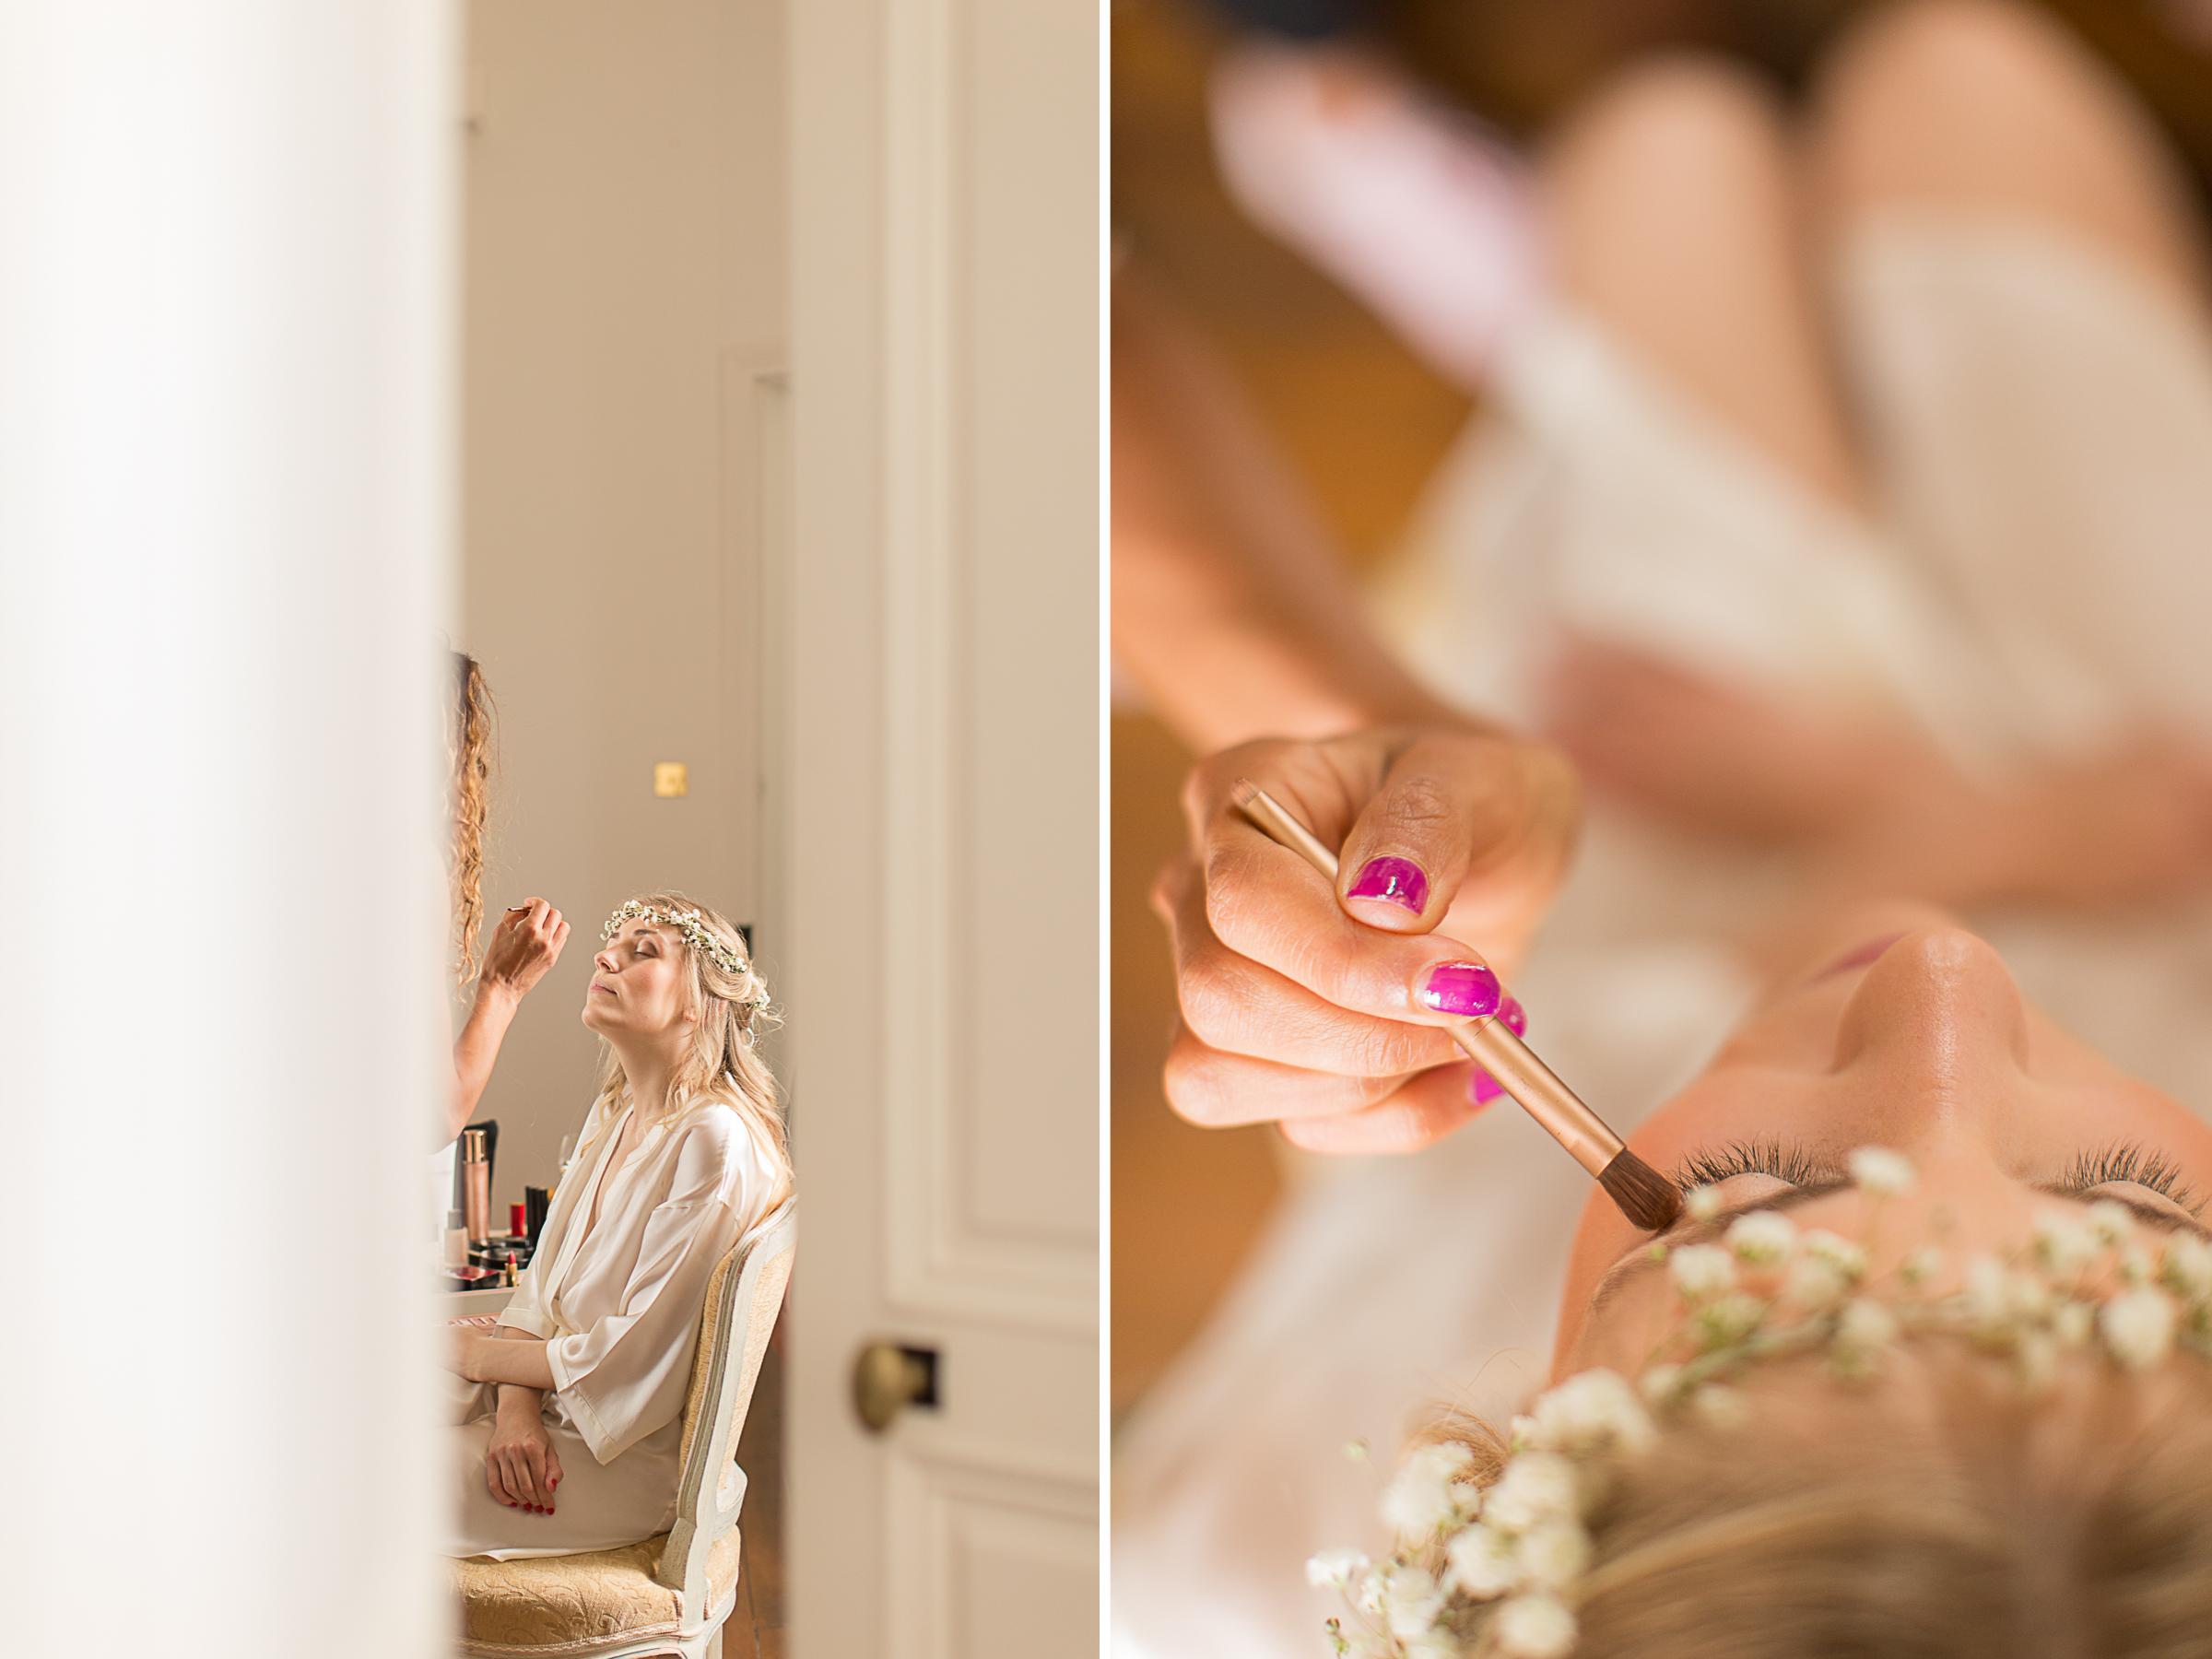 détail du maquillage de la mariée